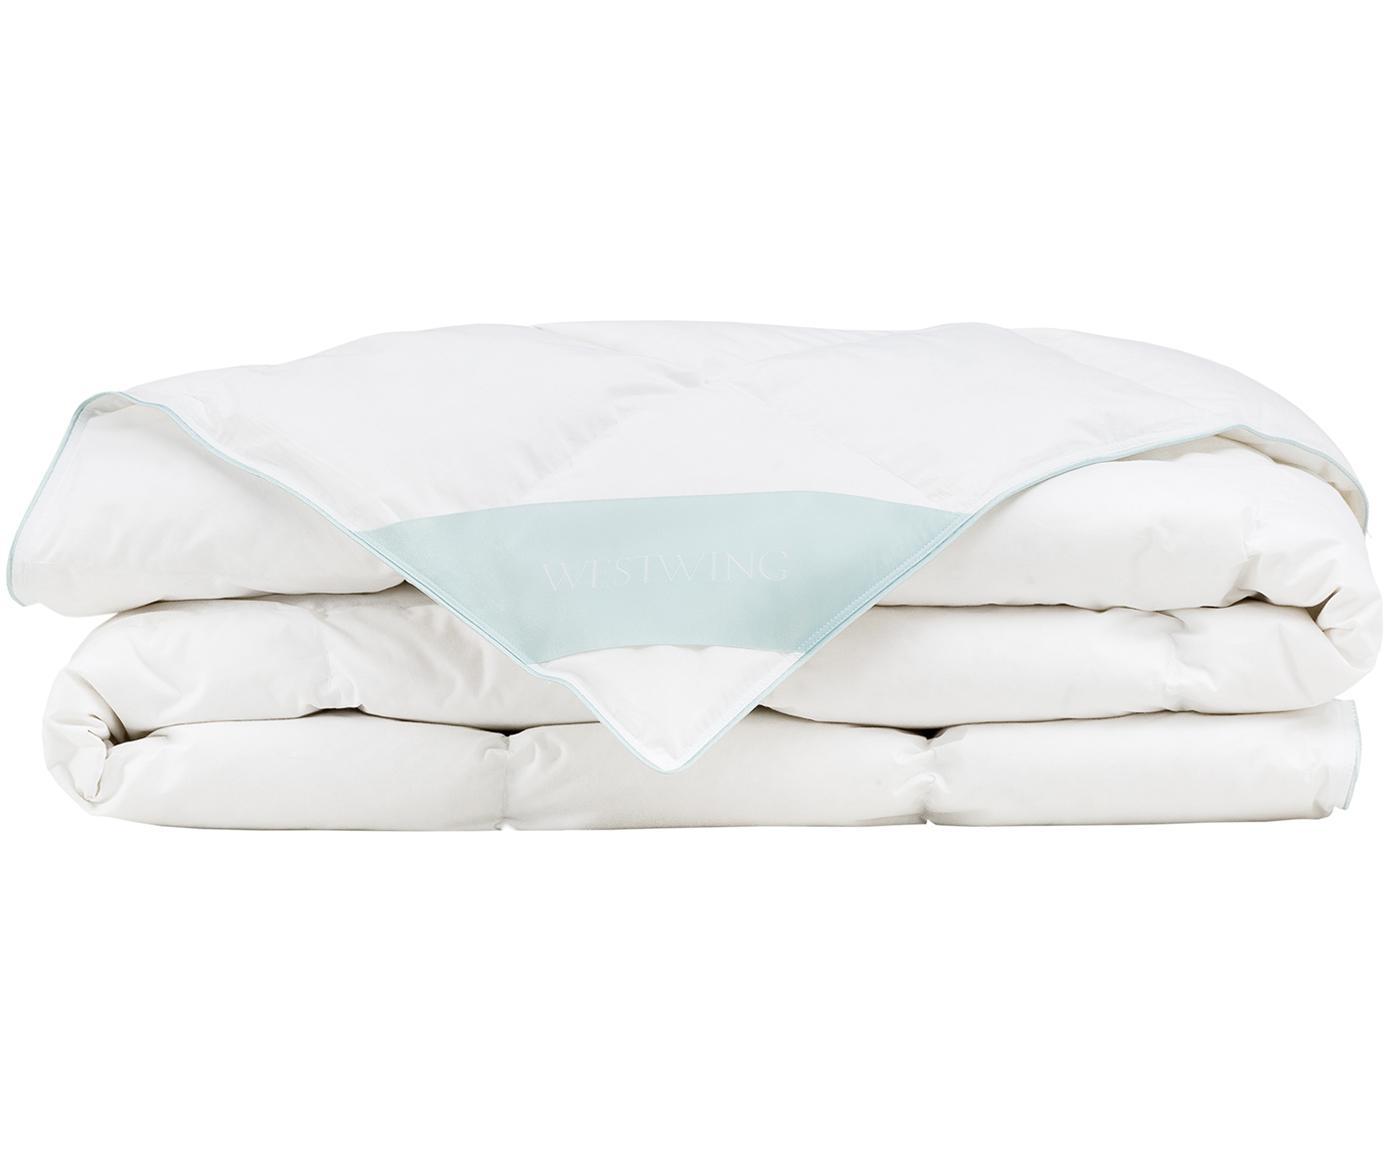 Edredón de plumón Comfort, extra ligero, Funda: 100%algodón, sarga de Ma, Blanco con ribete turquesa satinado, Cama 90 cm (150 x 200 cm)